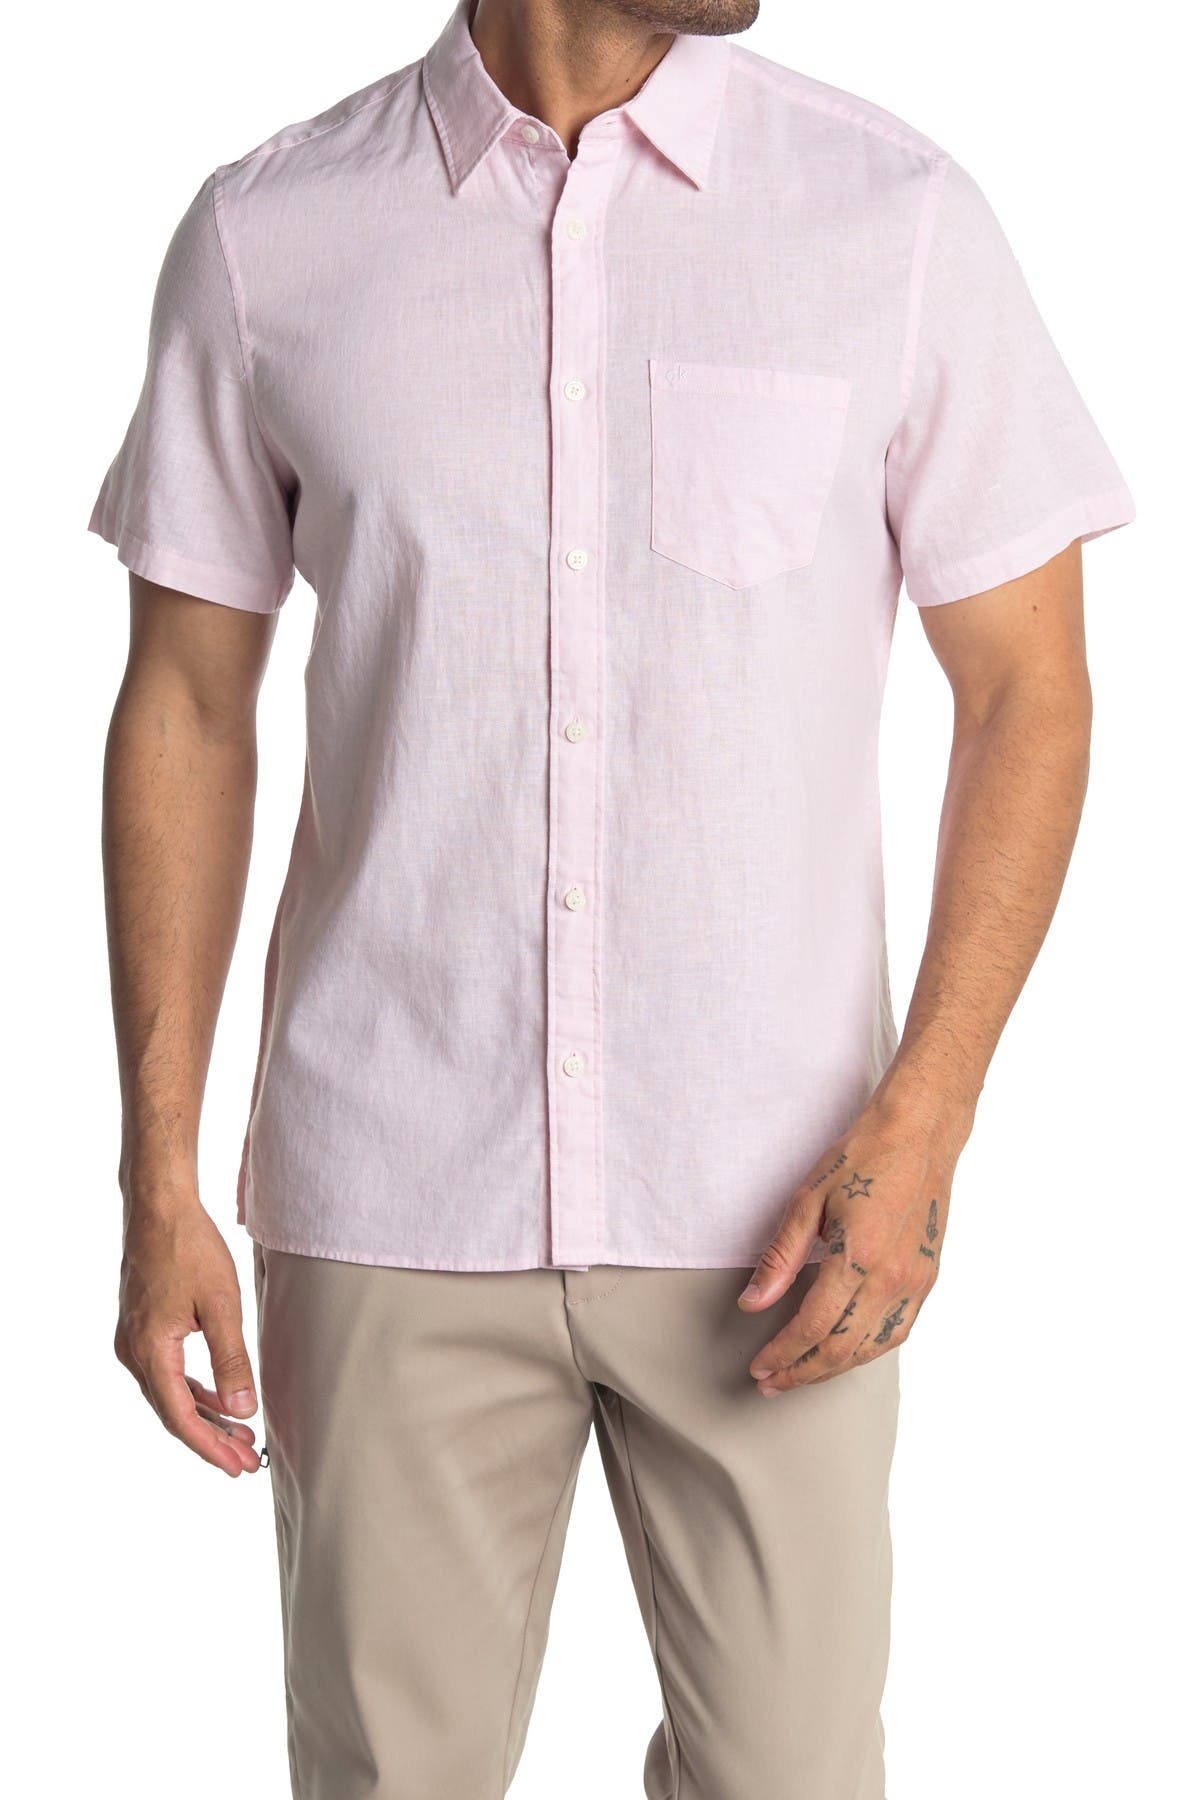 Image of Calvin Klein Short Sleeve Stretch Linen Shirt